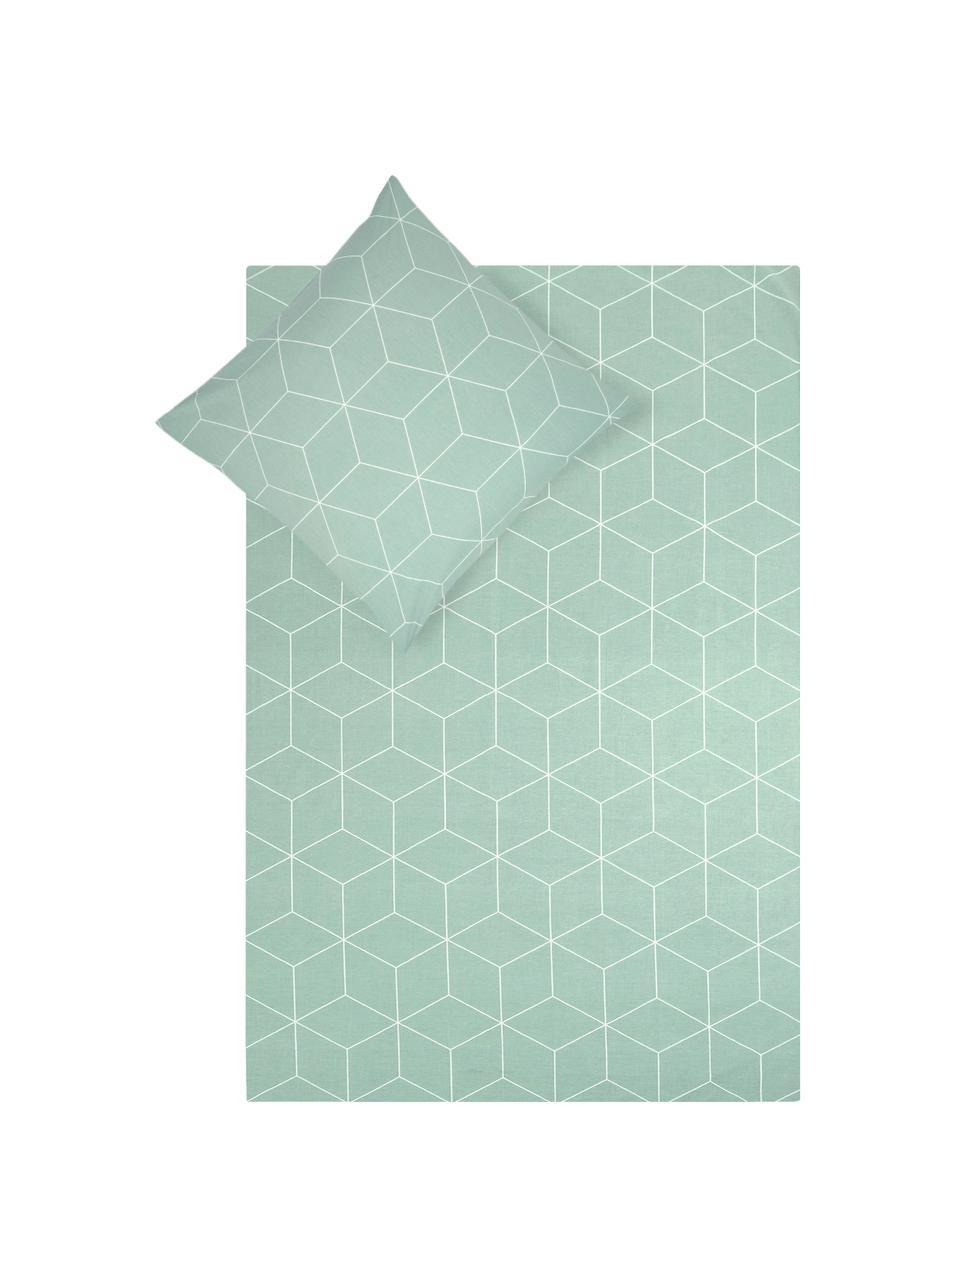 Baumwoll-Bettwäsche Lynn mit grafischem Muster, Webart: Renforcé Fadendichte 144 , Mint, Cremeweiß, 135 x 200 cm + 1 Kissen 80 x 80 cm